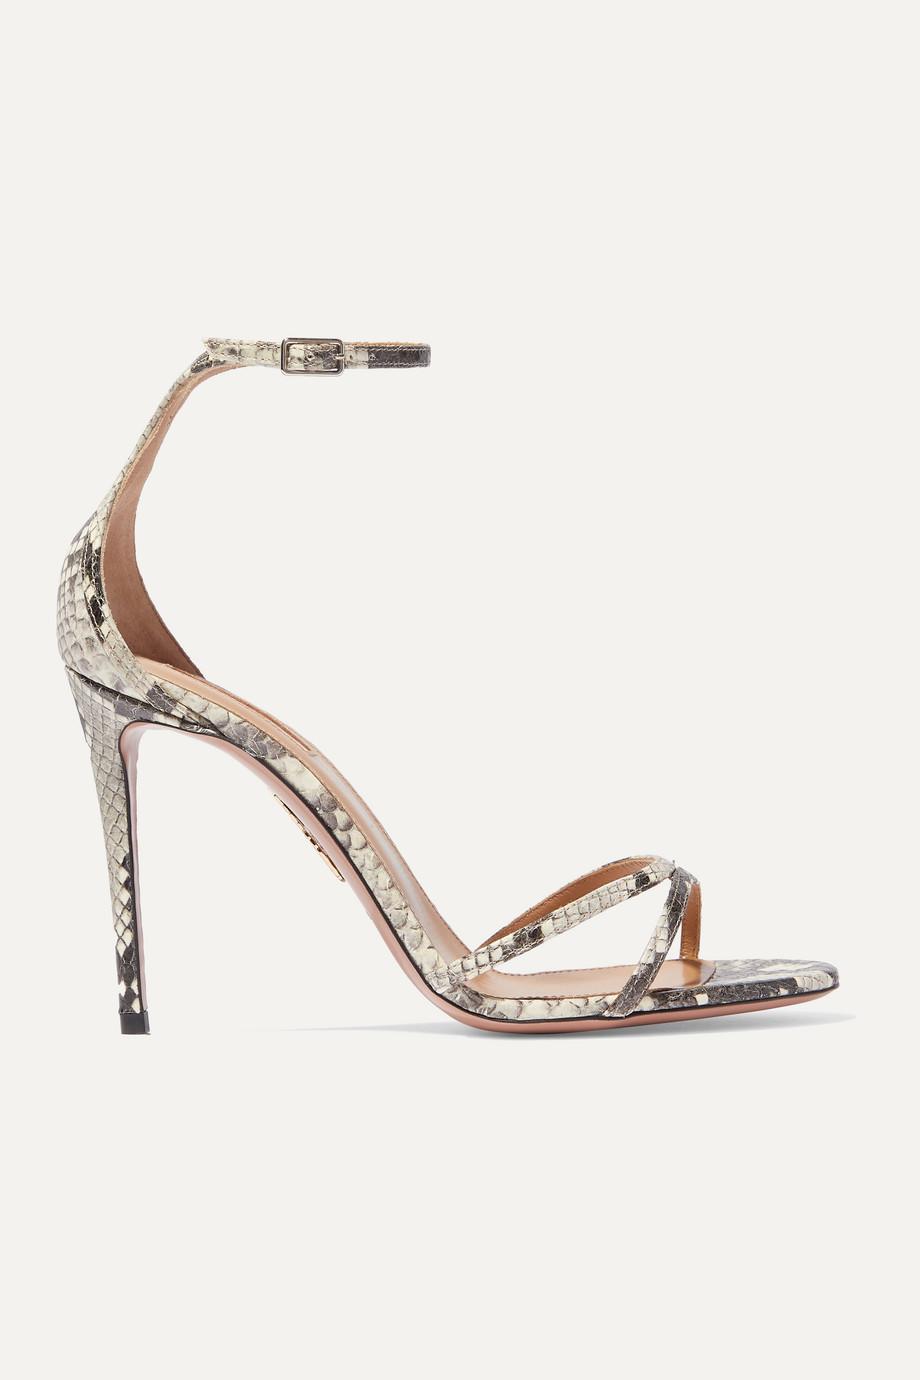 Aquazzura Purist 105 elaphe sandals